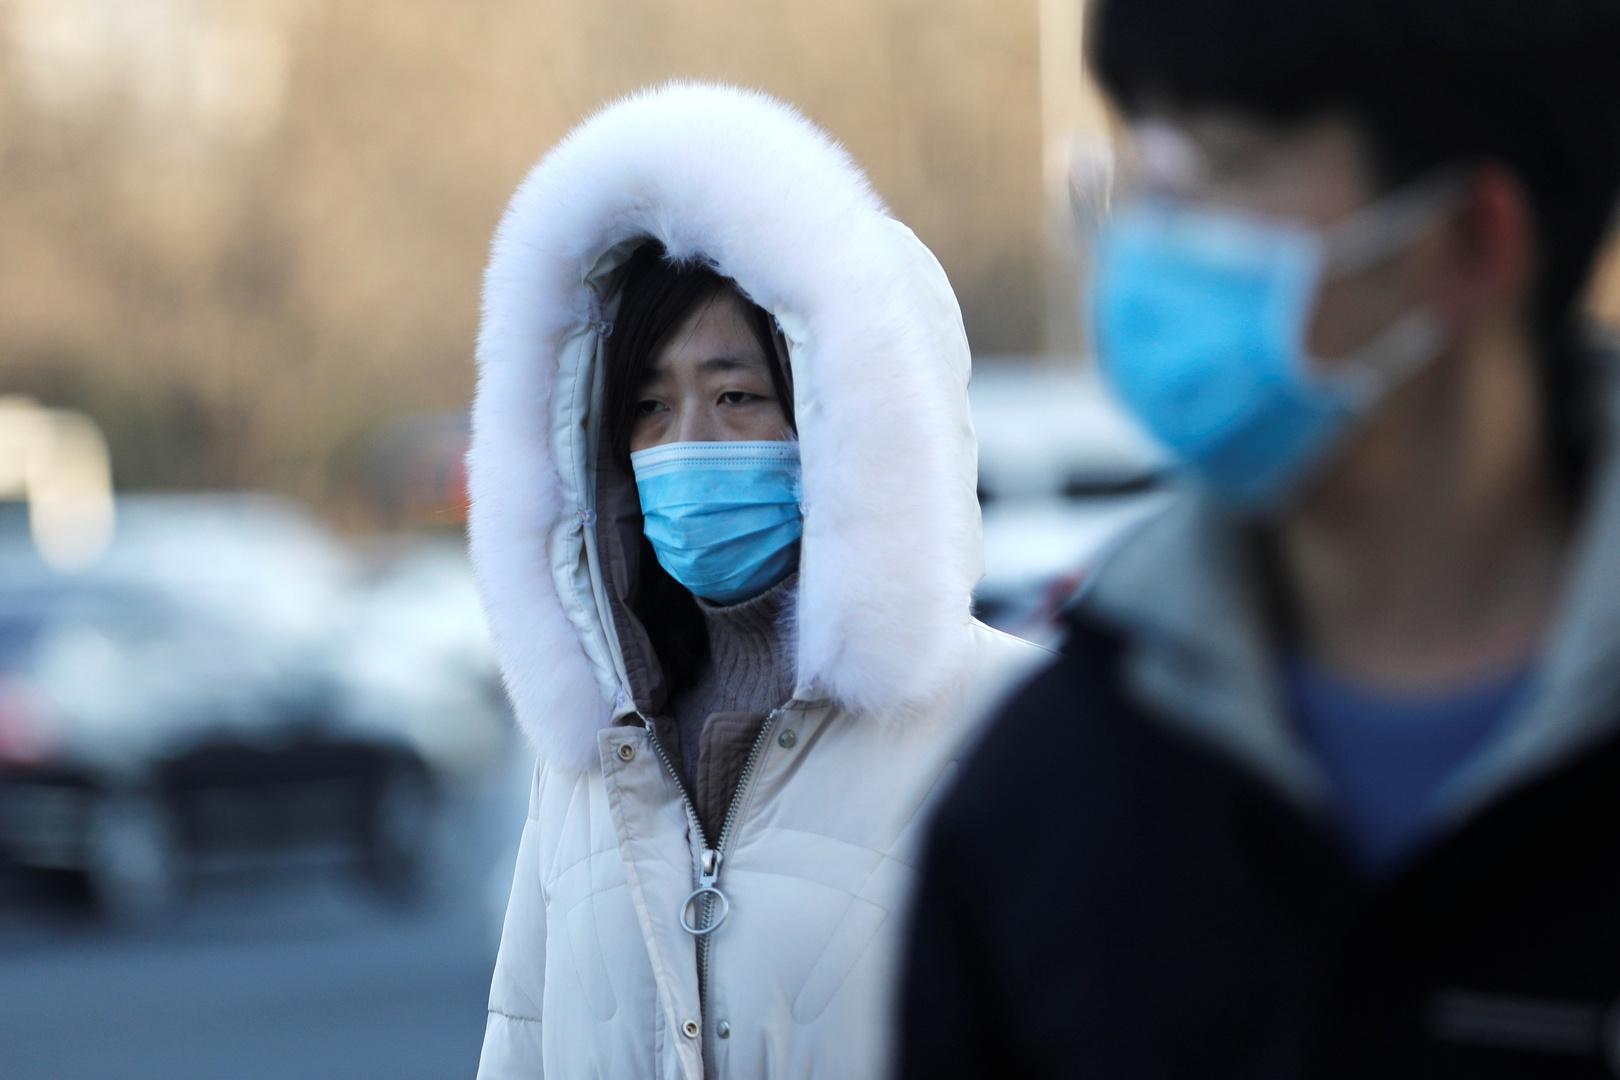 بكين تشدد قيود كورونا بعد رصد حالات في المدينة